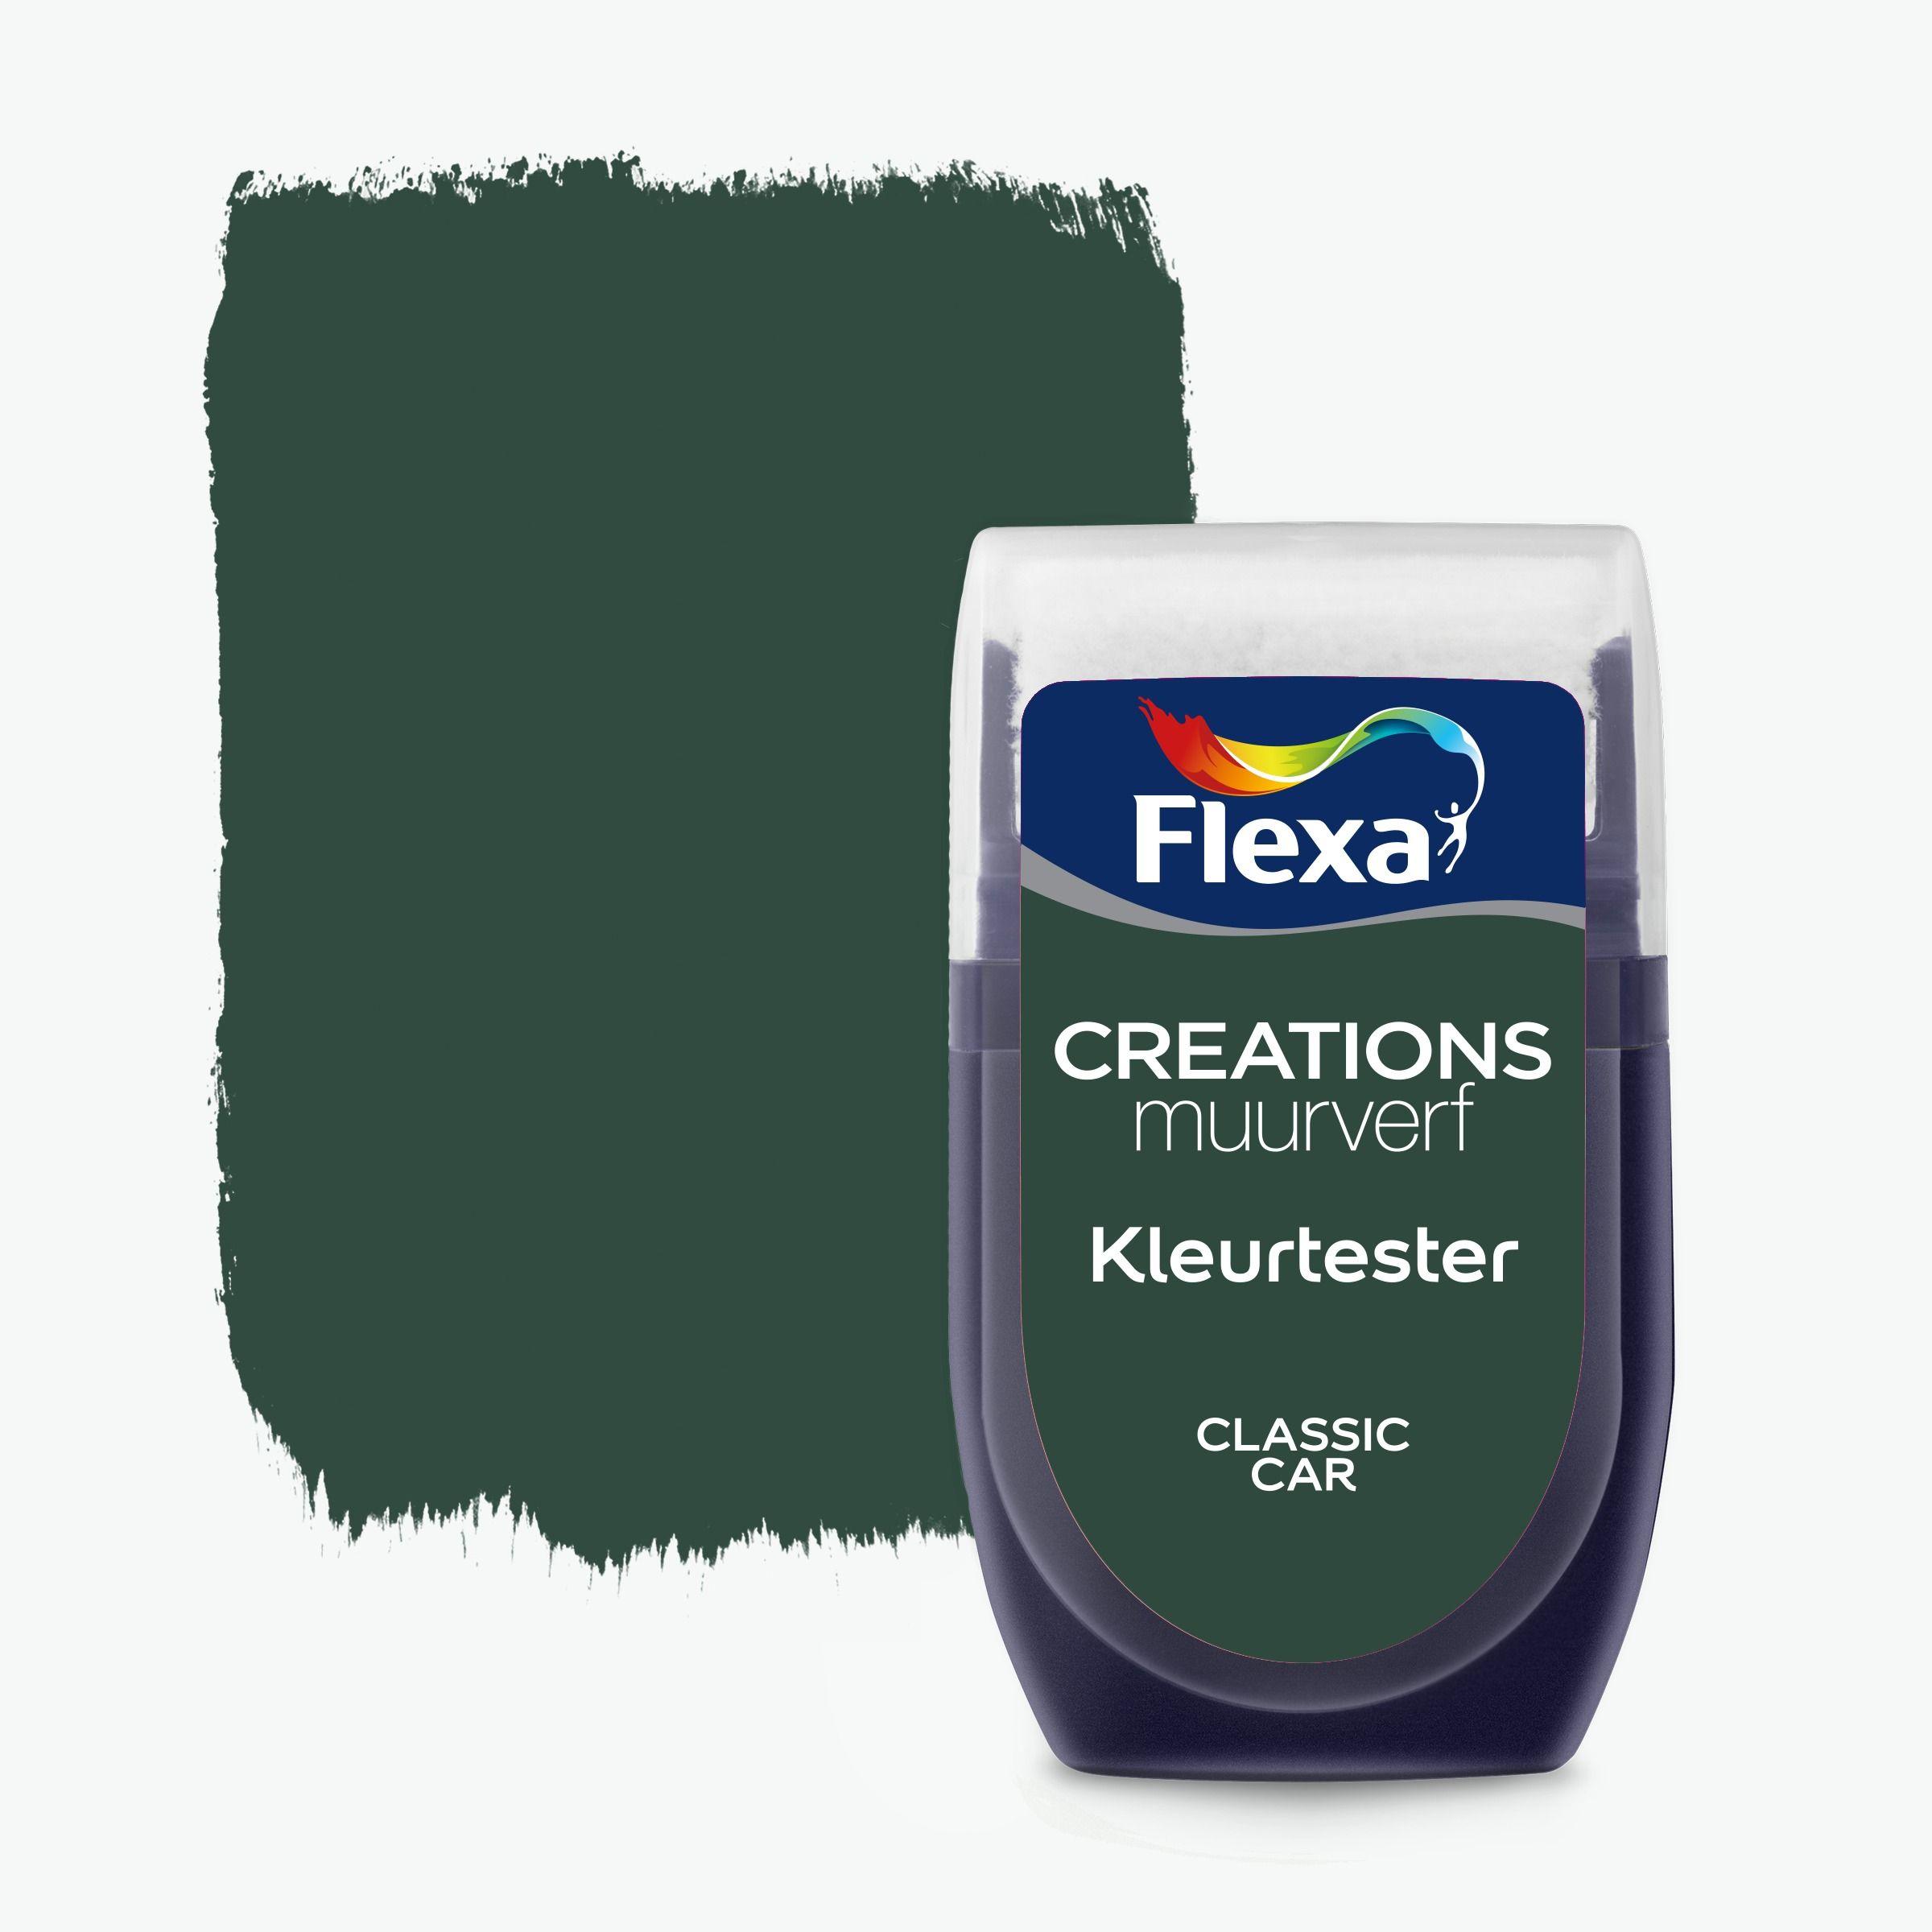 Flexa Creations muurverf Kleurtester Classic Car mat 30ml kopen?  kleurtesters | Karwei